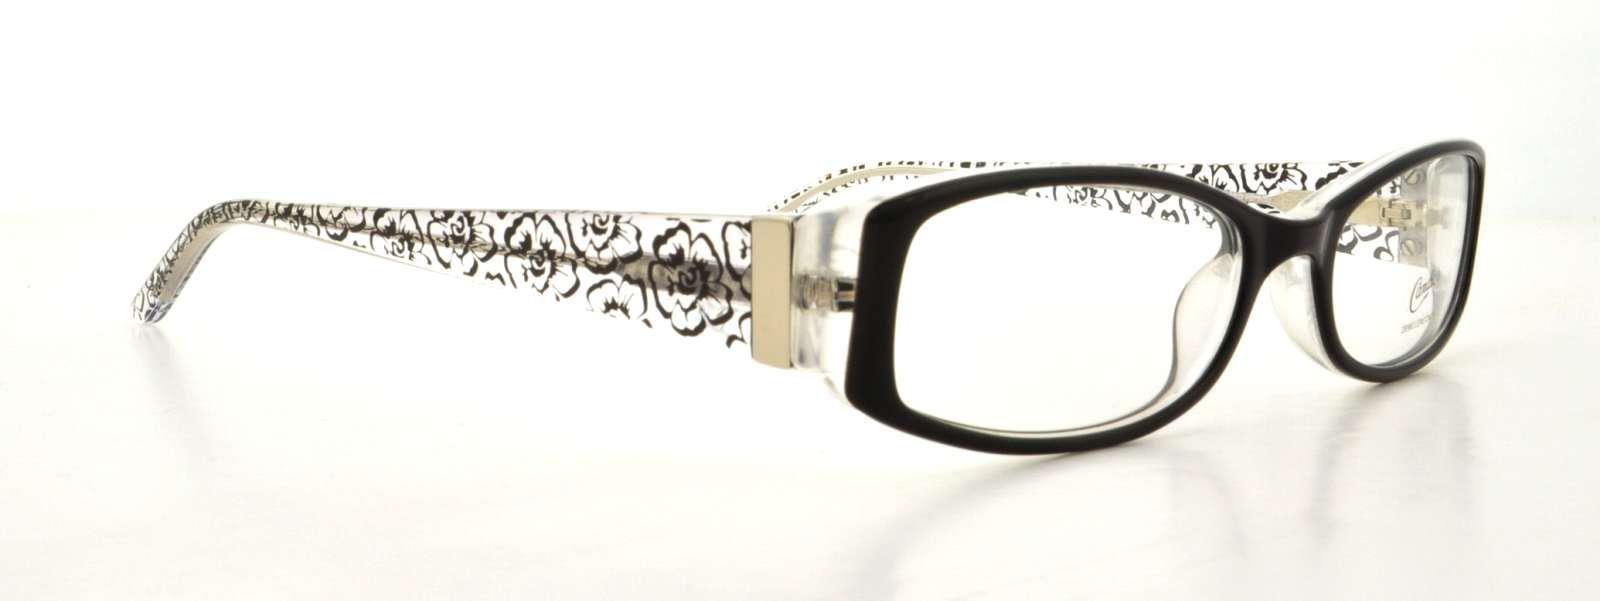 Designer Frames Outlet. Candies CAA260 ROSANA